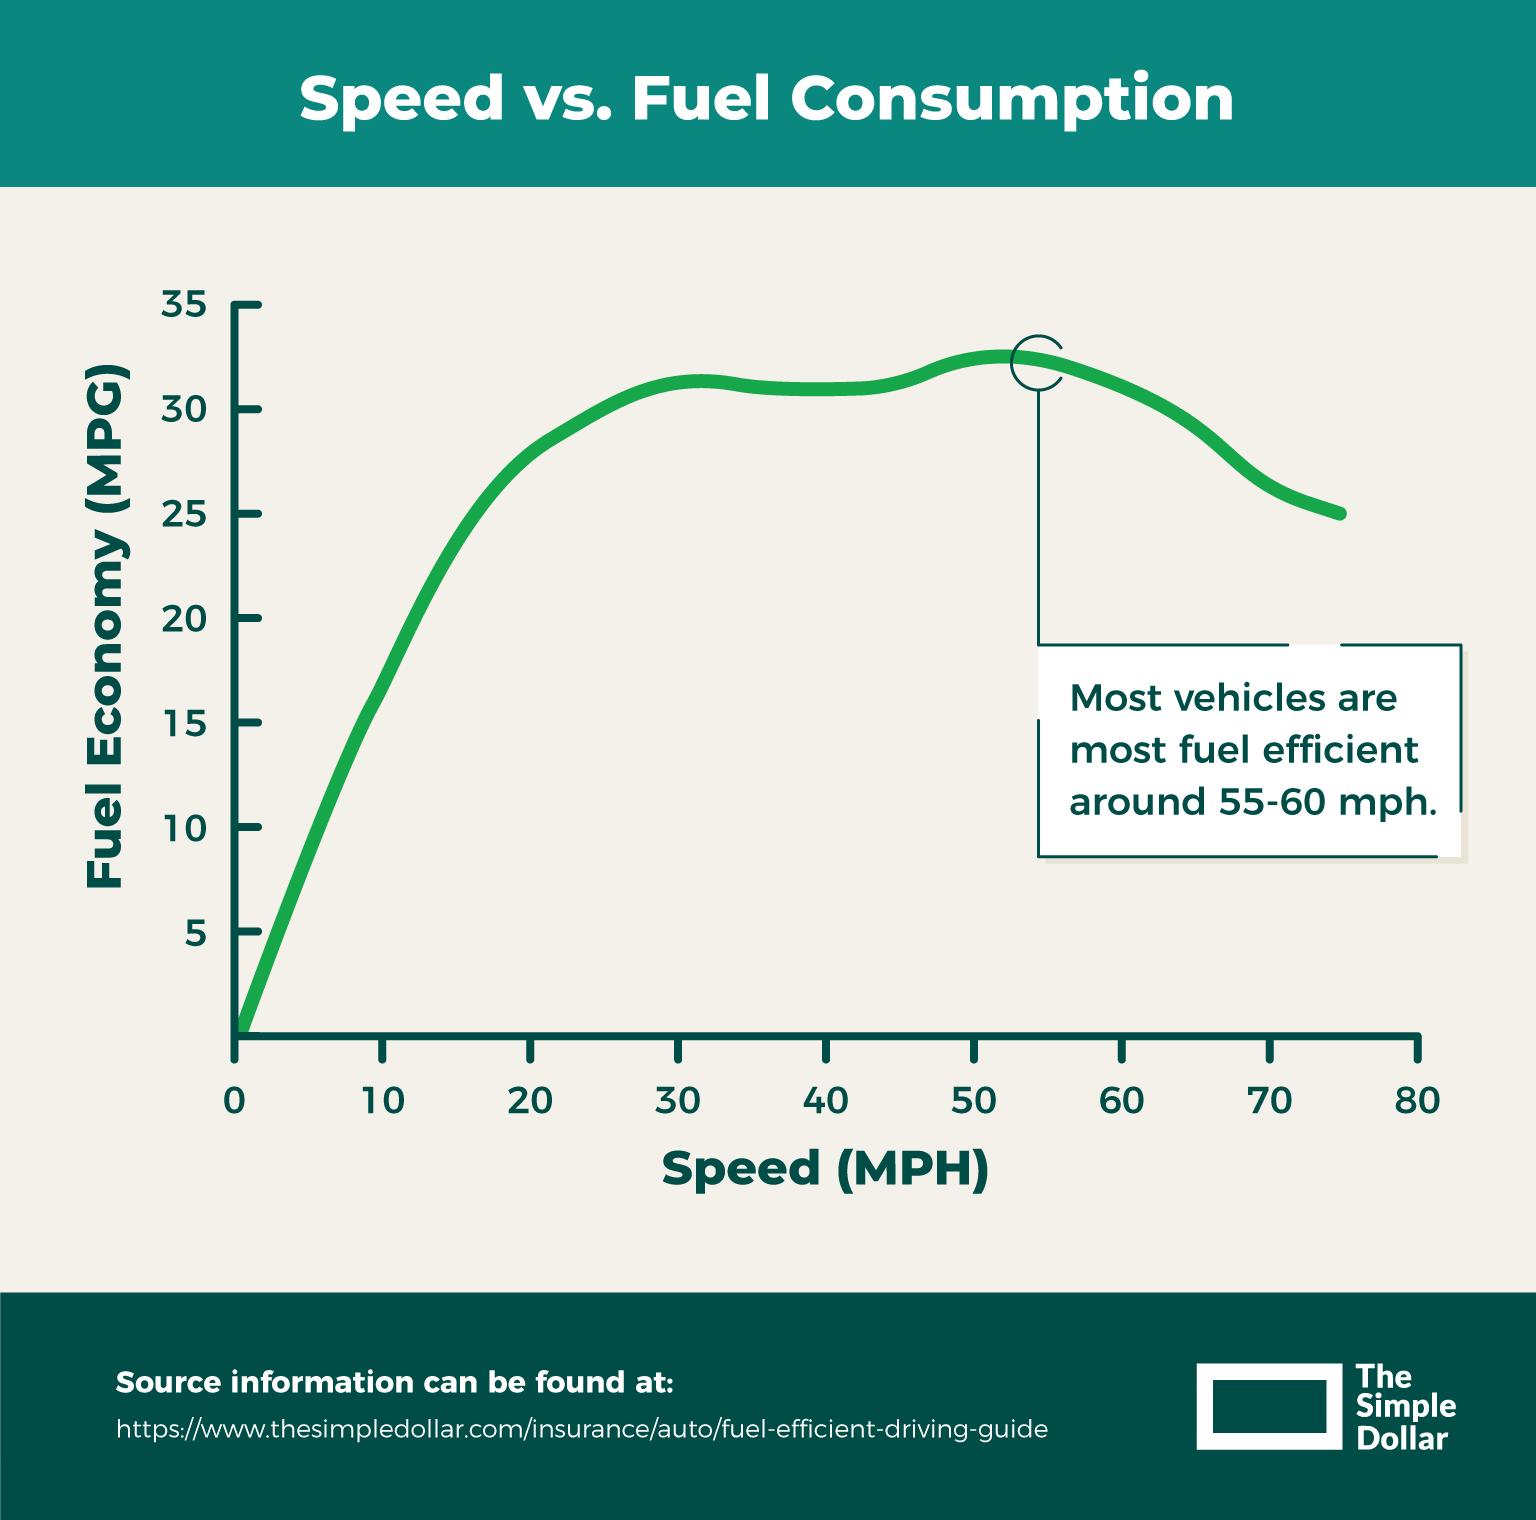 Speed versus fuel consumption